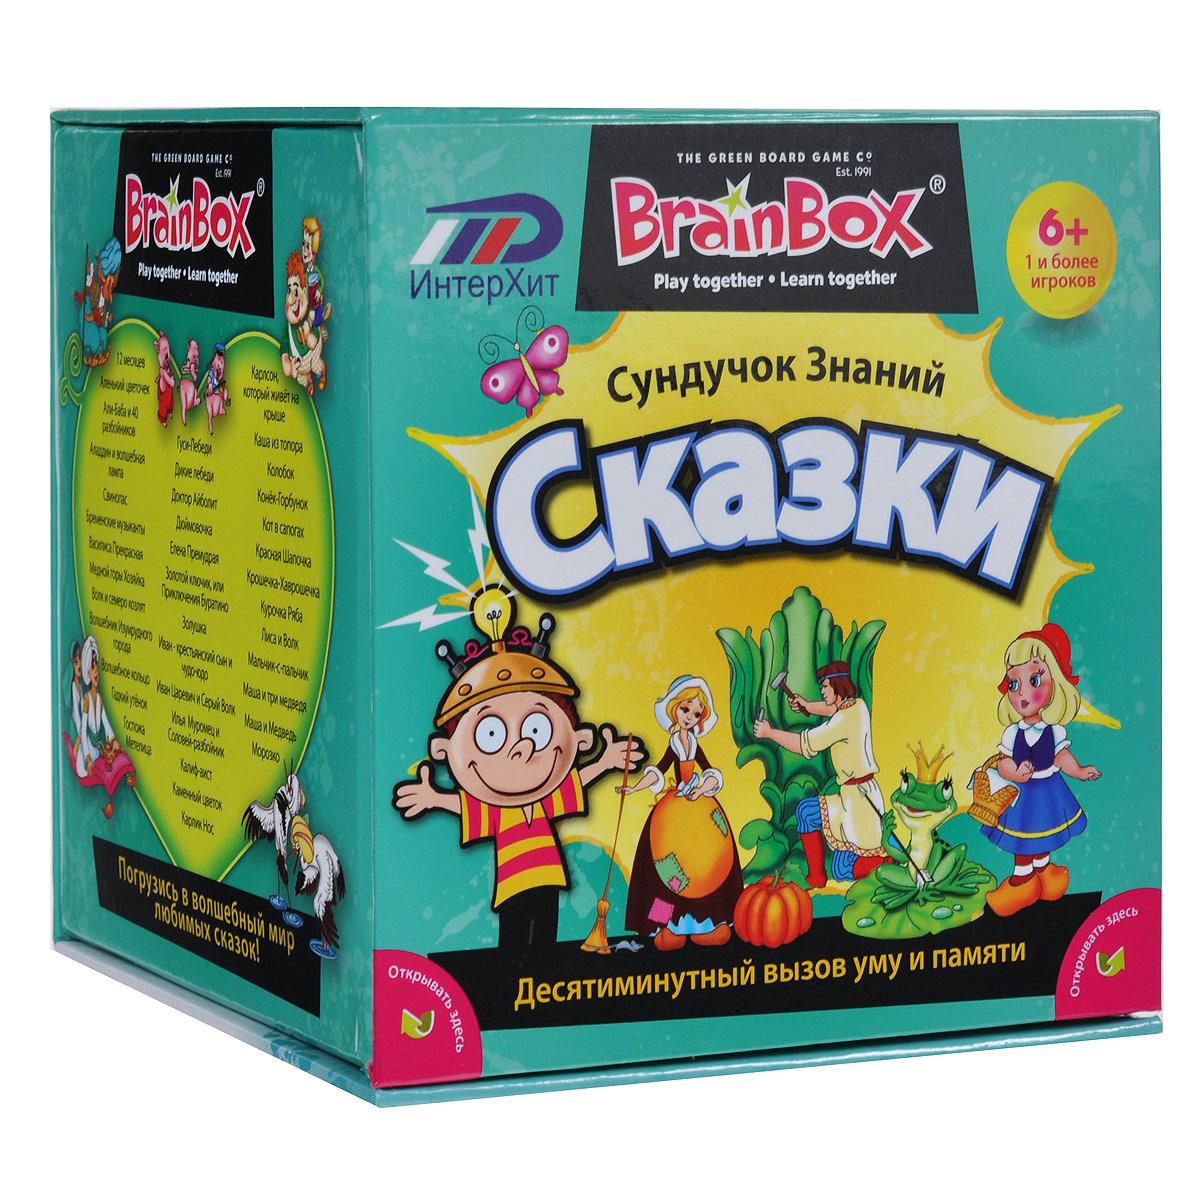 BrainBox Обучающая игра Сказки brainbox brainbox игра сундучок знаний россия